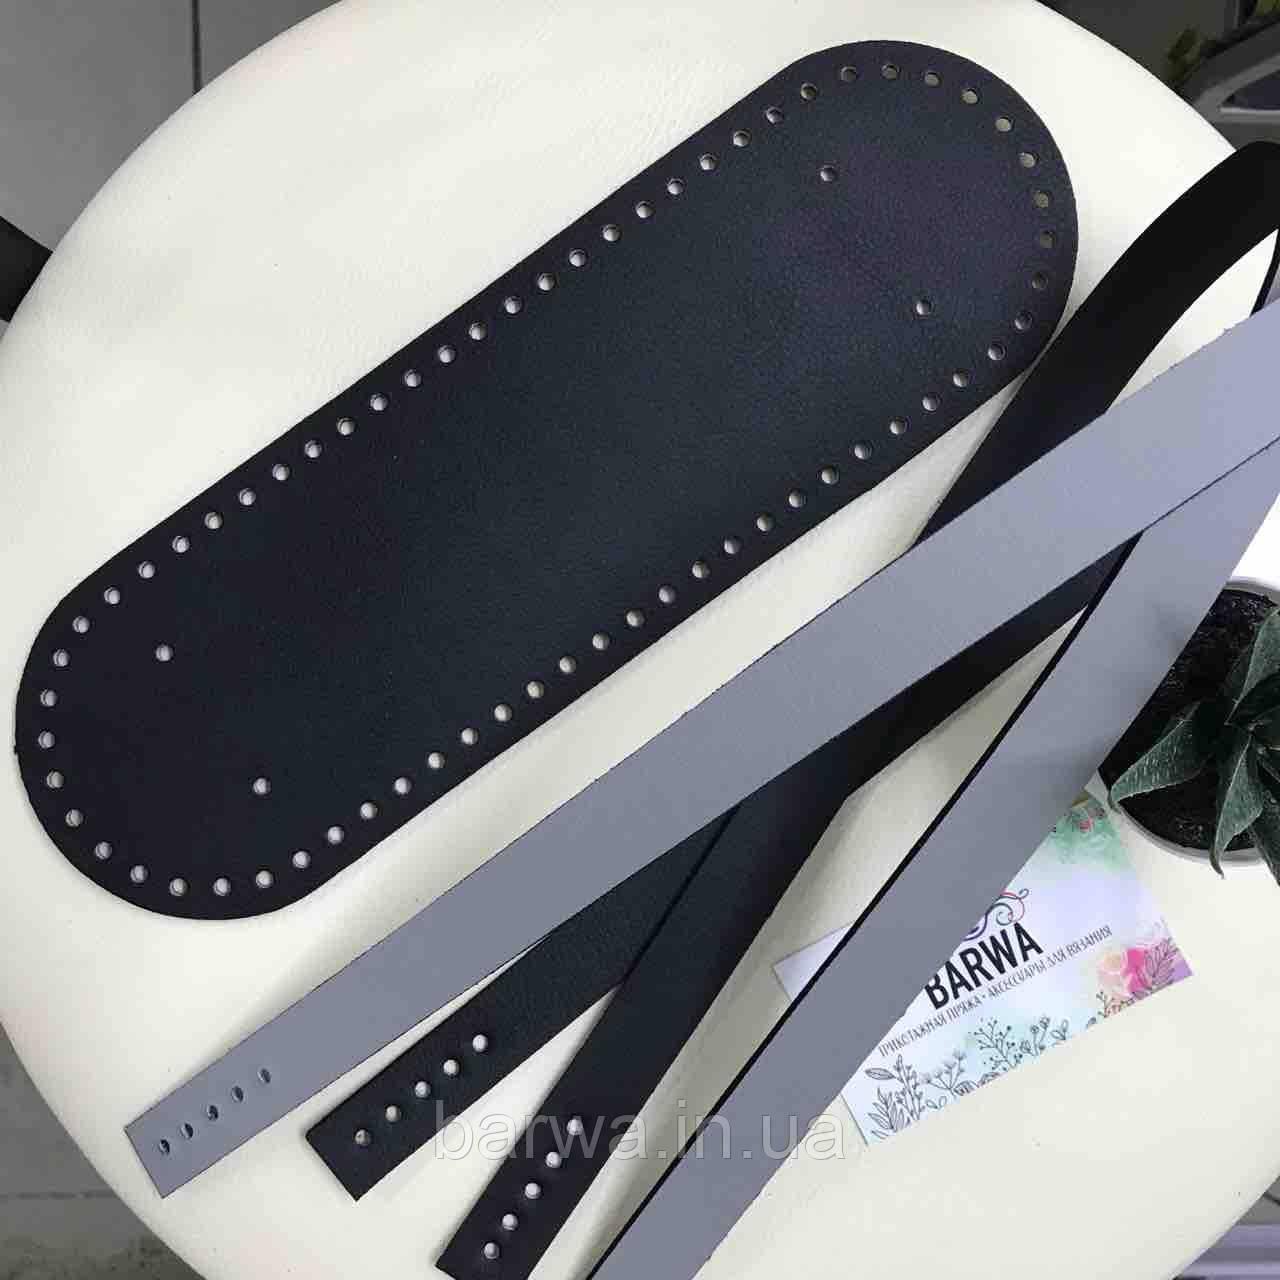 Набор для сумки ШОППЕР (эко-кожа) цвет Серо-черный